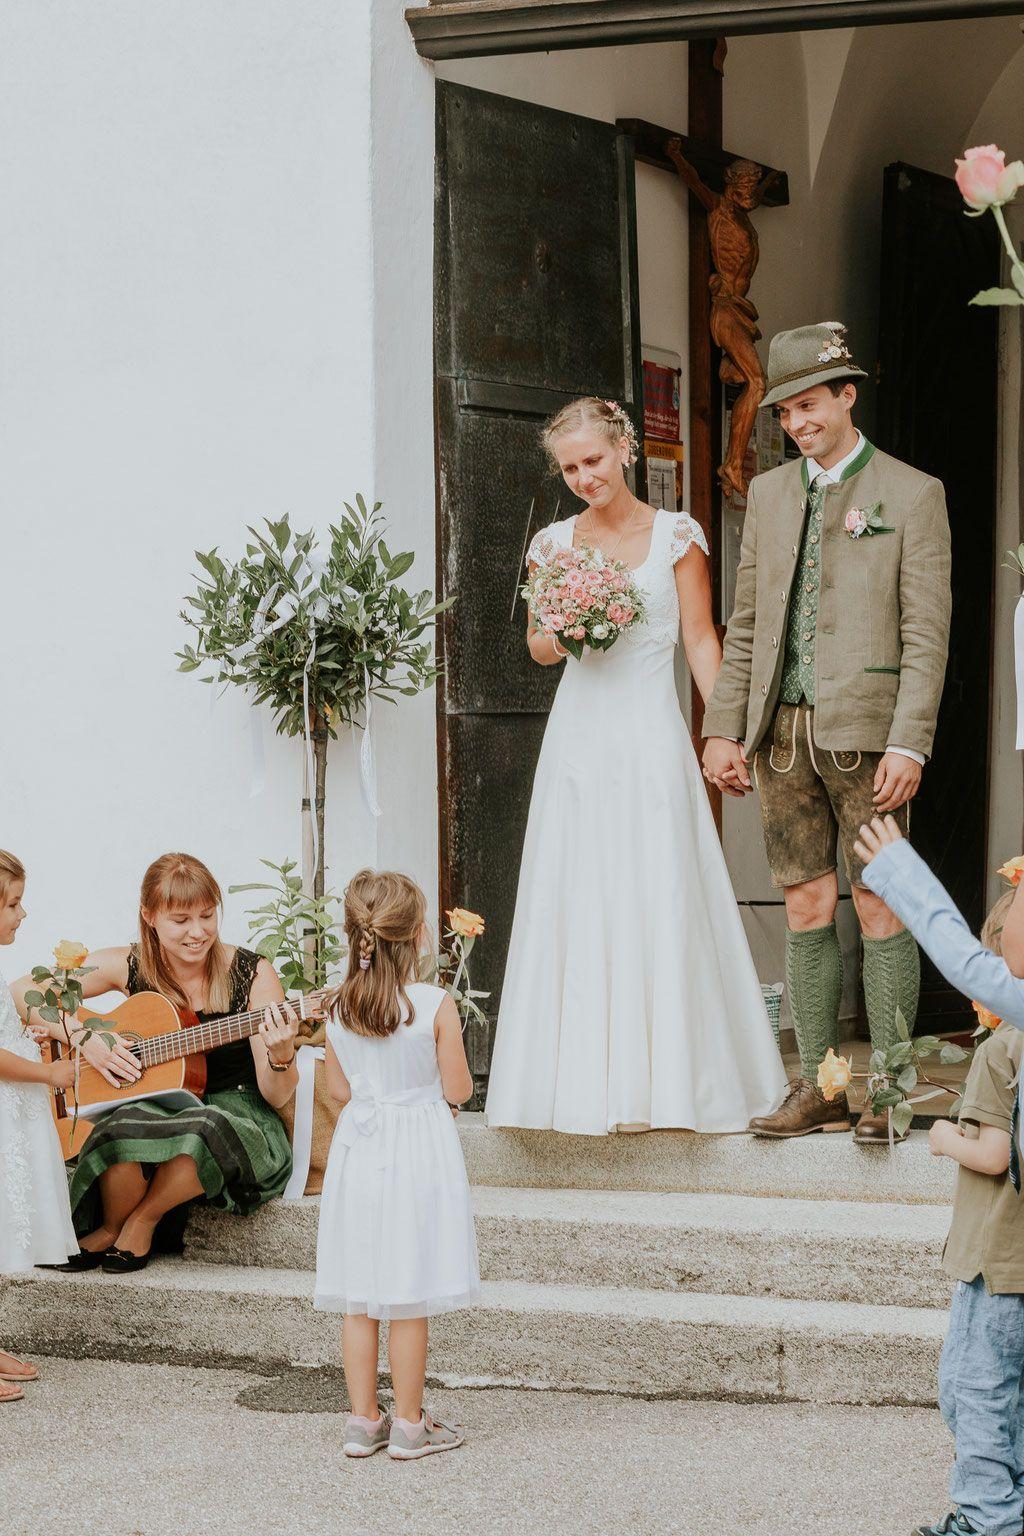 Hochzeit In Altmunster Neukirchen Bei Altmunster Brautpaarshooting Mit Traunsee Und Trauns Hochzeit Fotografieren Hochzeitsfoto Idee Hochzeitsfoto Standesamt